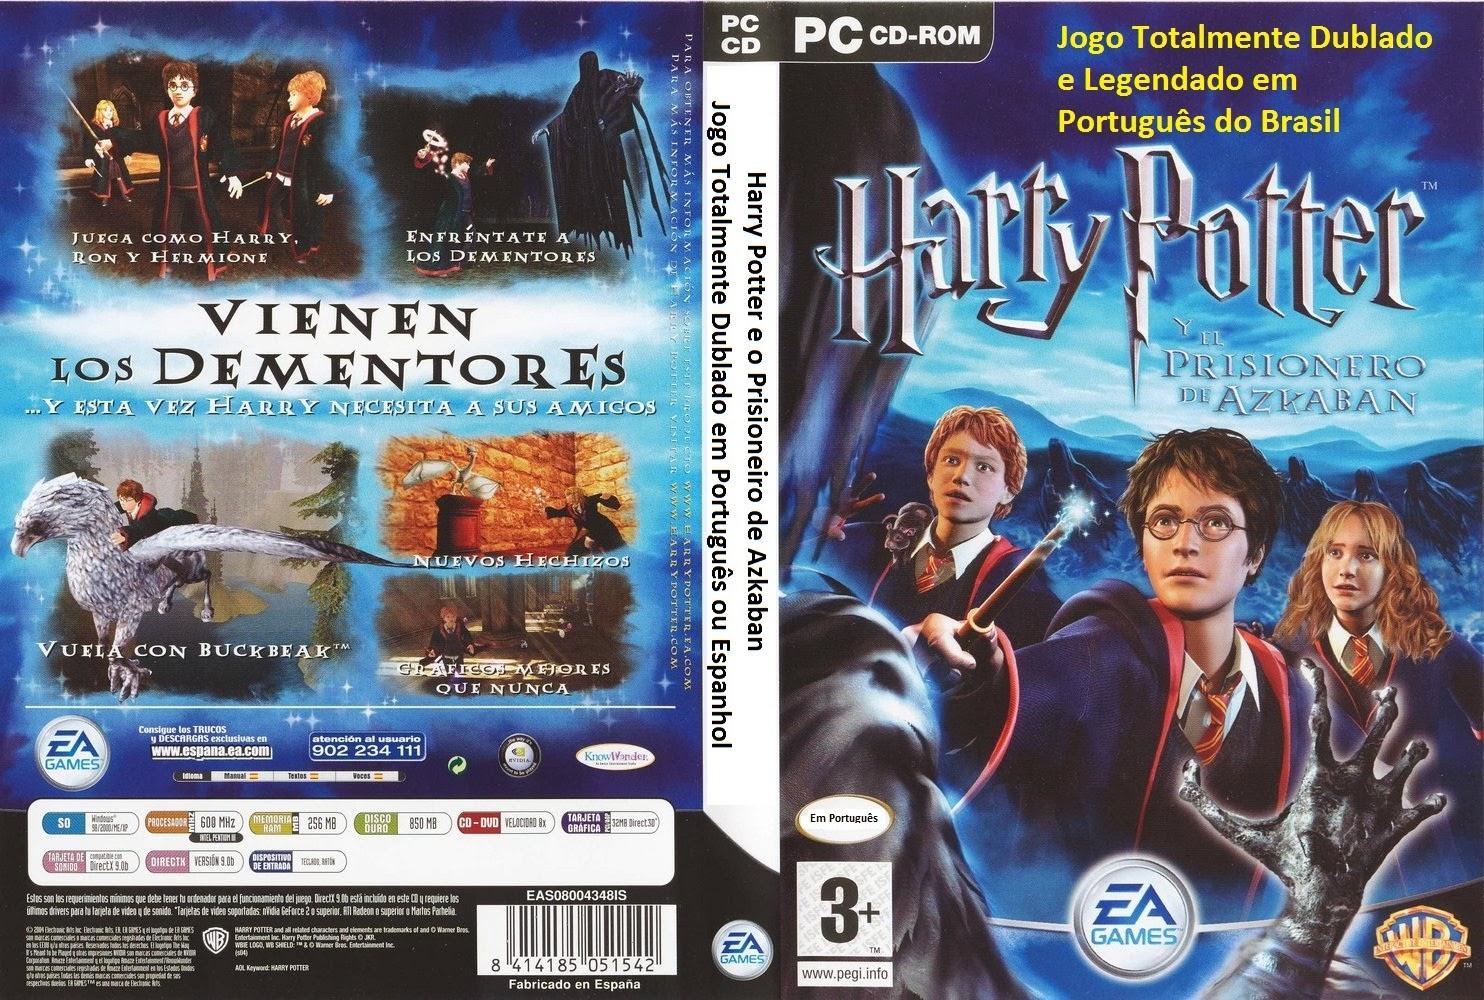 harry potter por dentro da magia baixar harry potter e o prisioneiro de azkaban o jogo baixar harry potter e o prisioneiro de